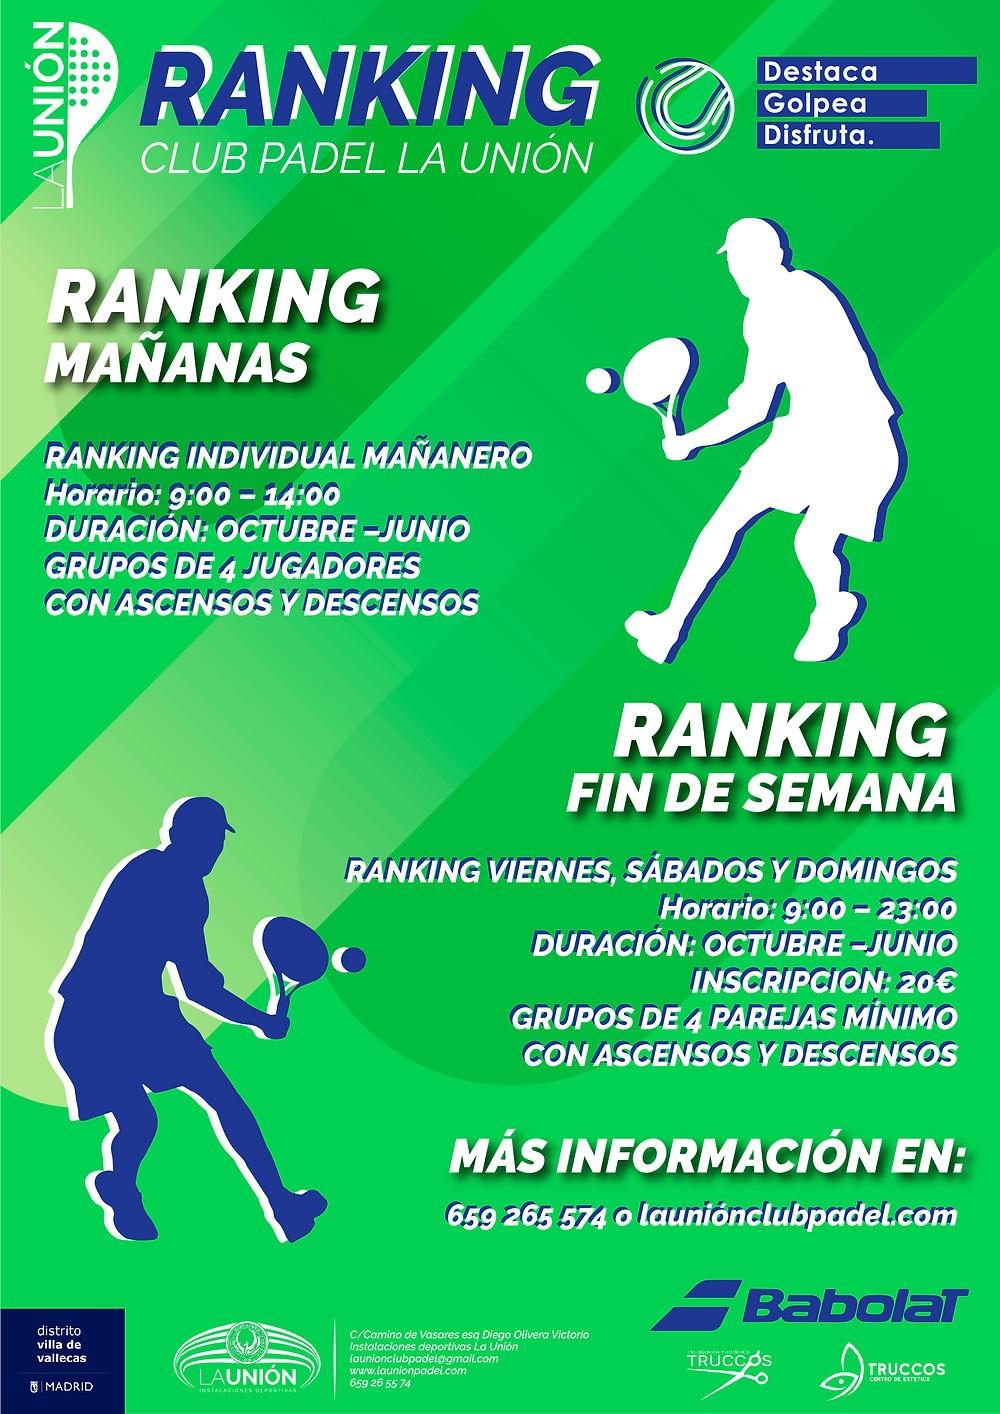 Ranking Padel La Unión